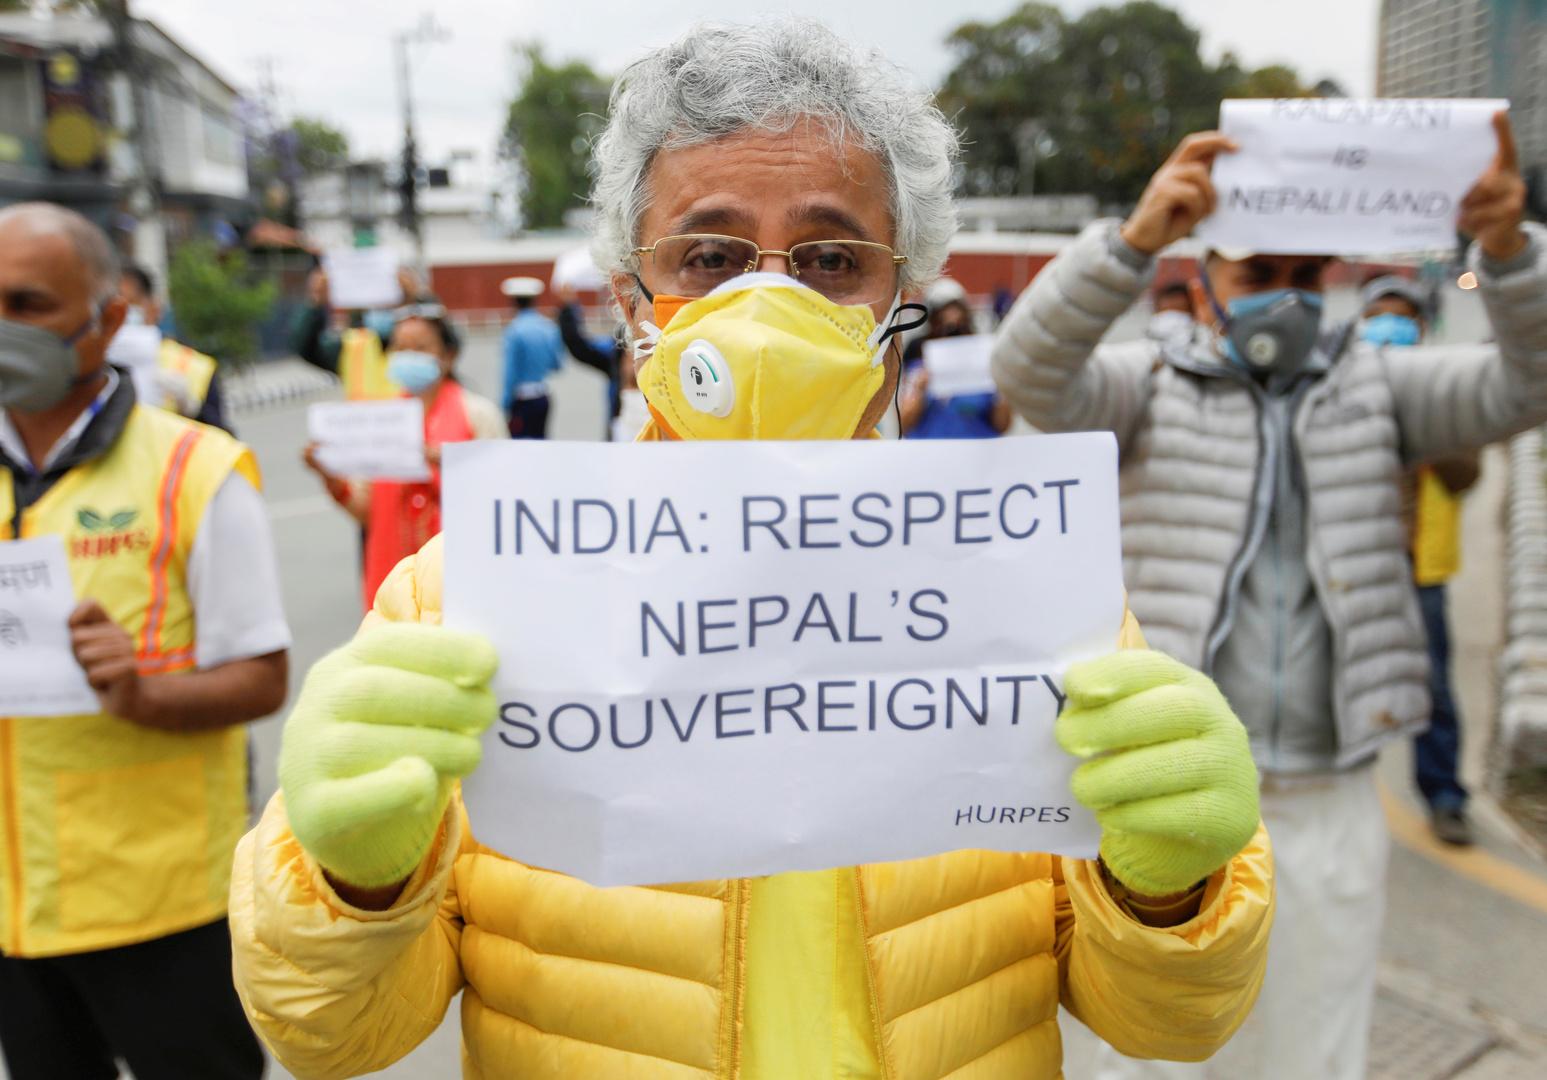 رجل يحتج على عدم احترام الهند لسيادة نيبال، أرشيف